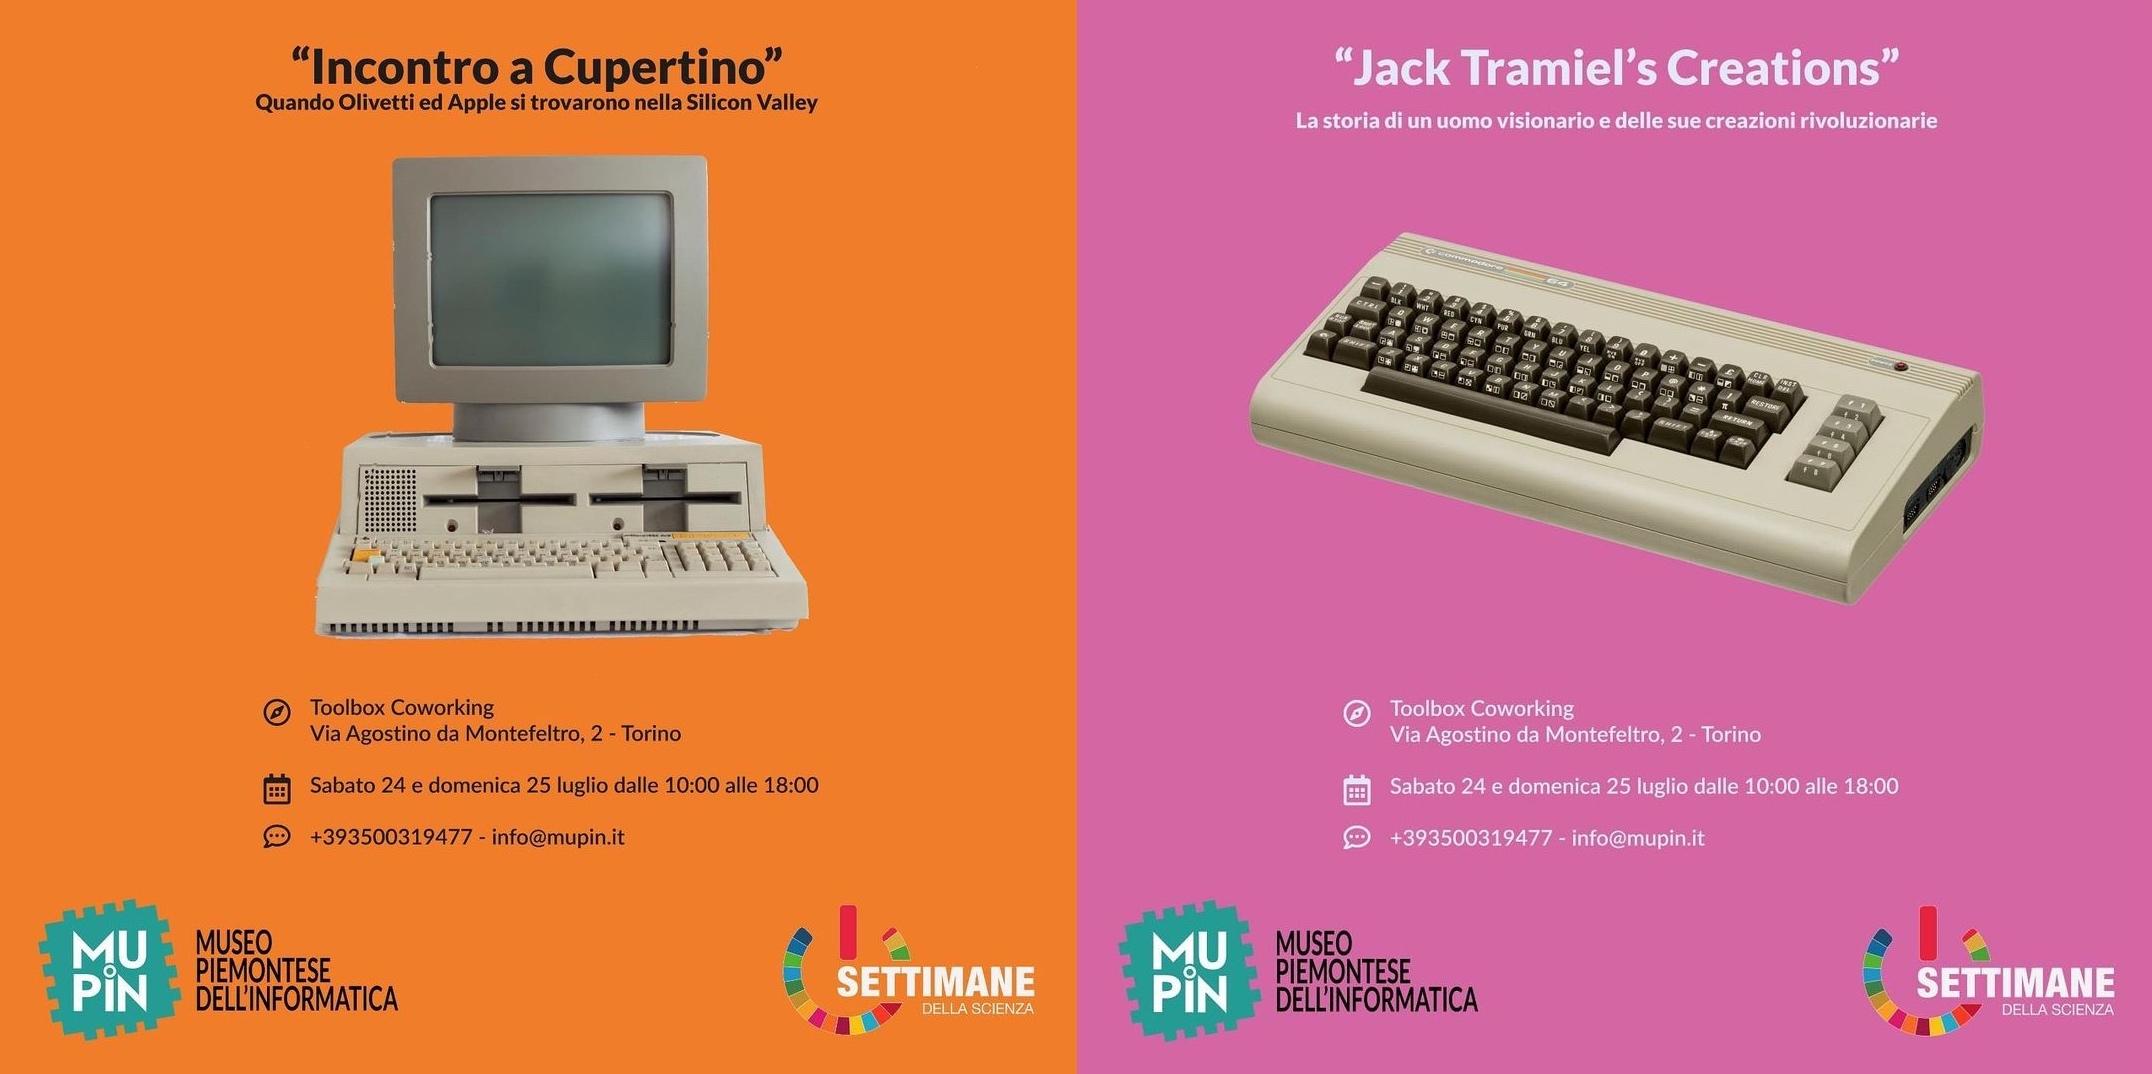 Mupin riparte a fine luglio con le mostre Incontro a Cupertino e Jack Tramiel's Creations